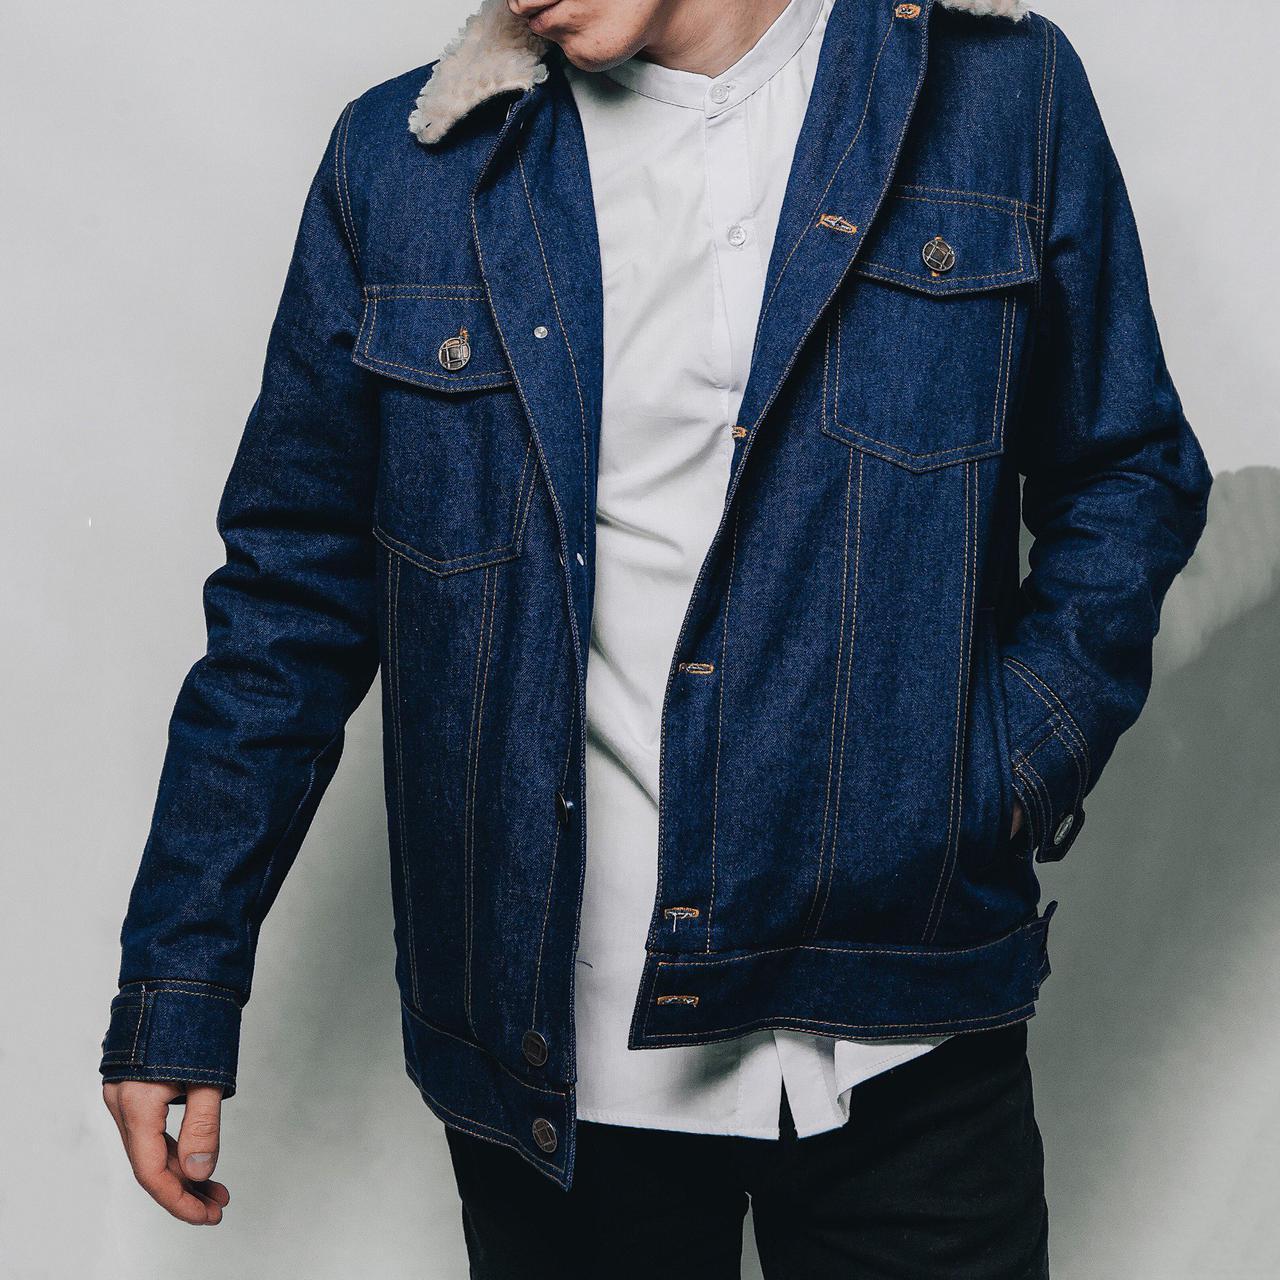 14a4f019 Джинсовая куртка с мехом мужская MS 18 синяя - купить по лучшей цене ...